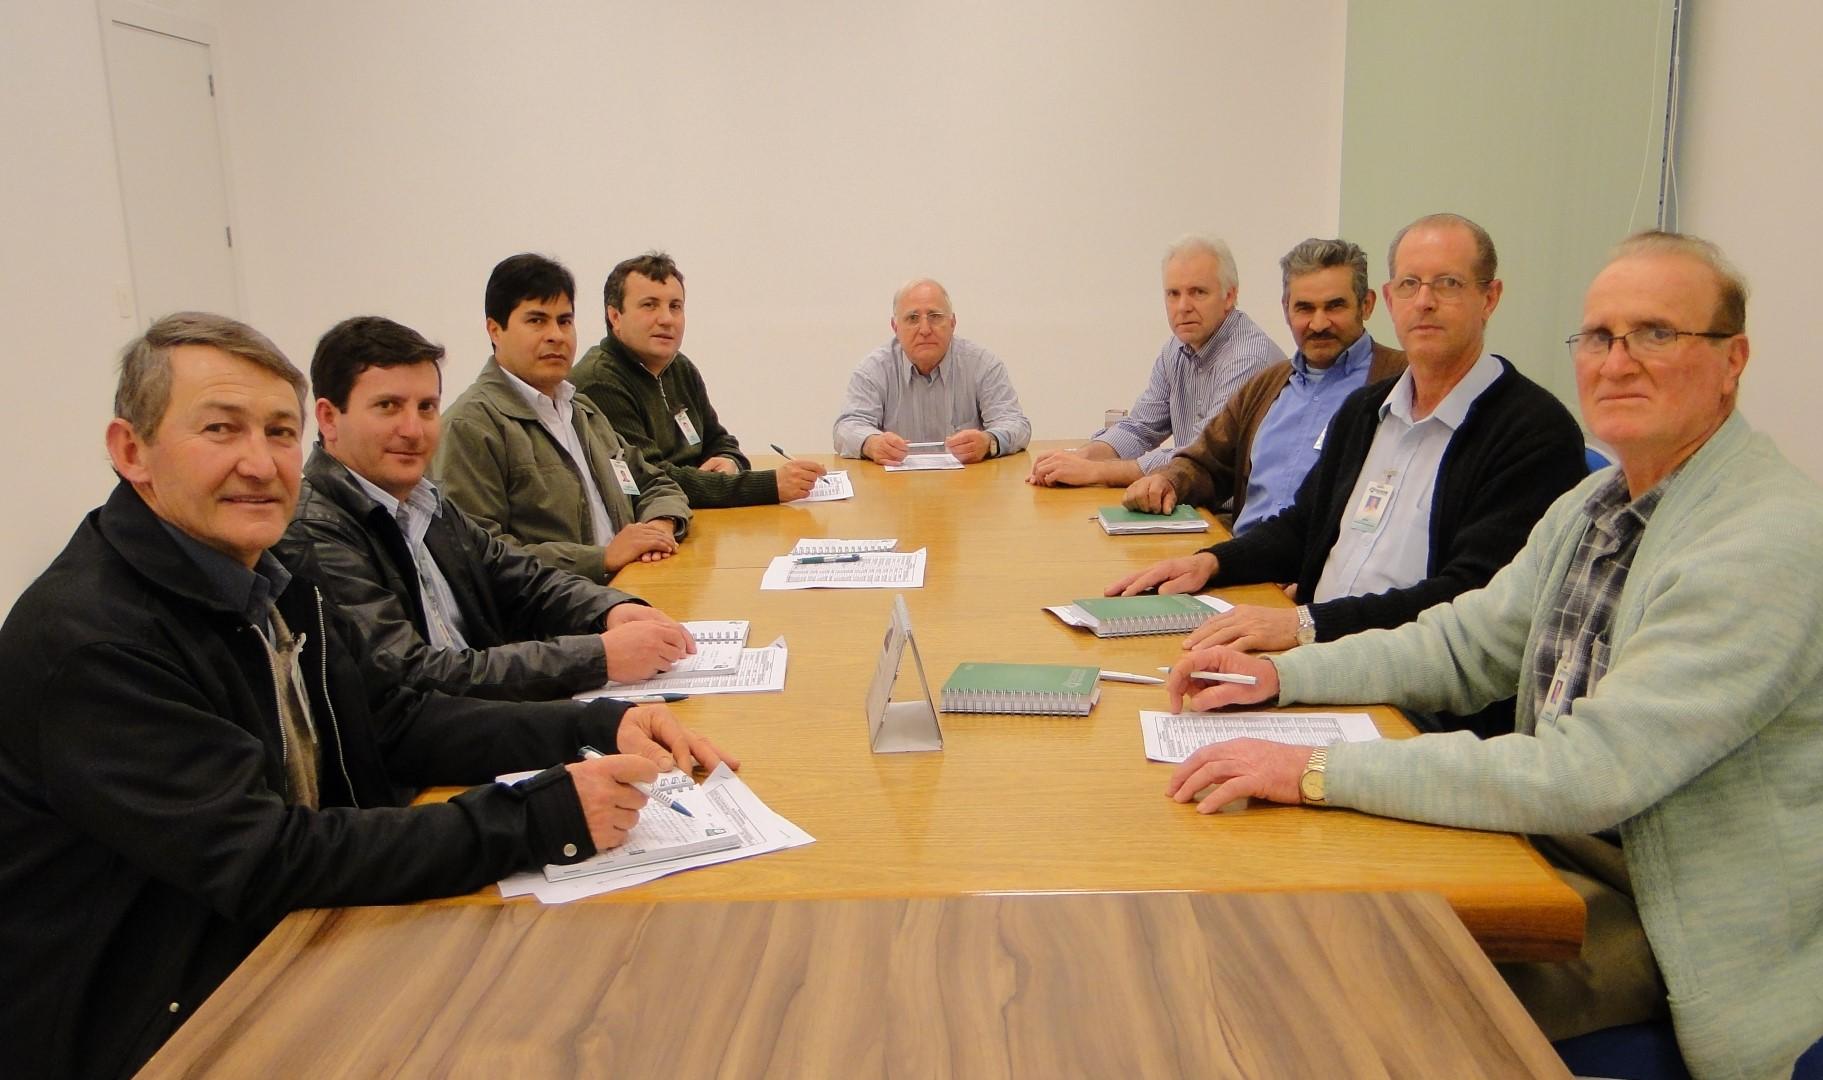 8° Conselho de Administração 2008